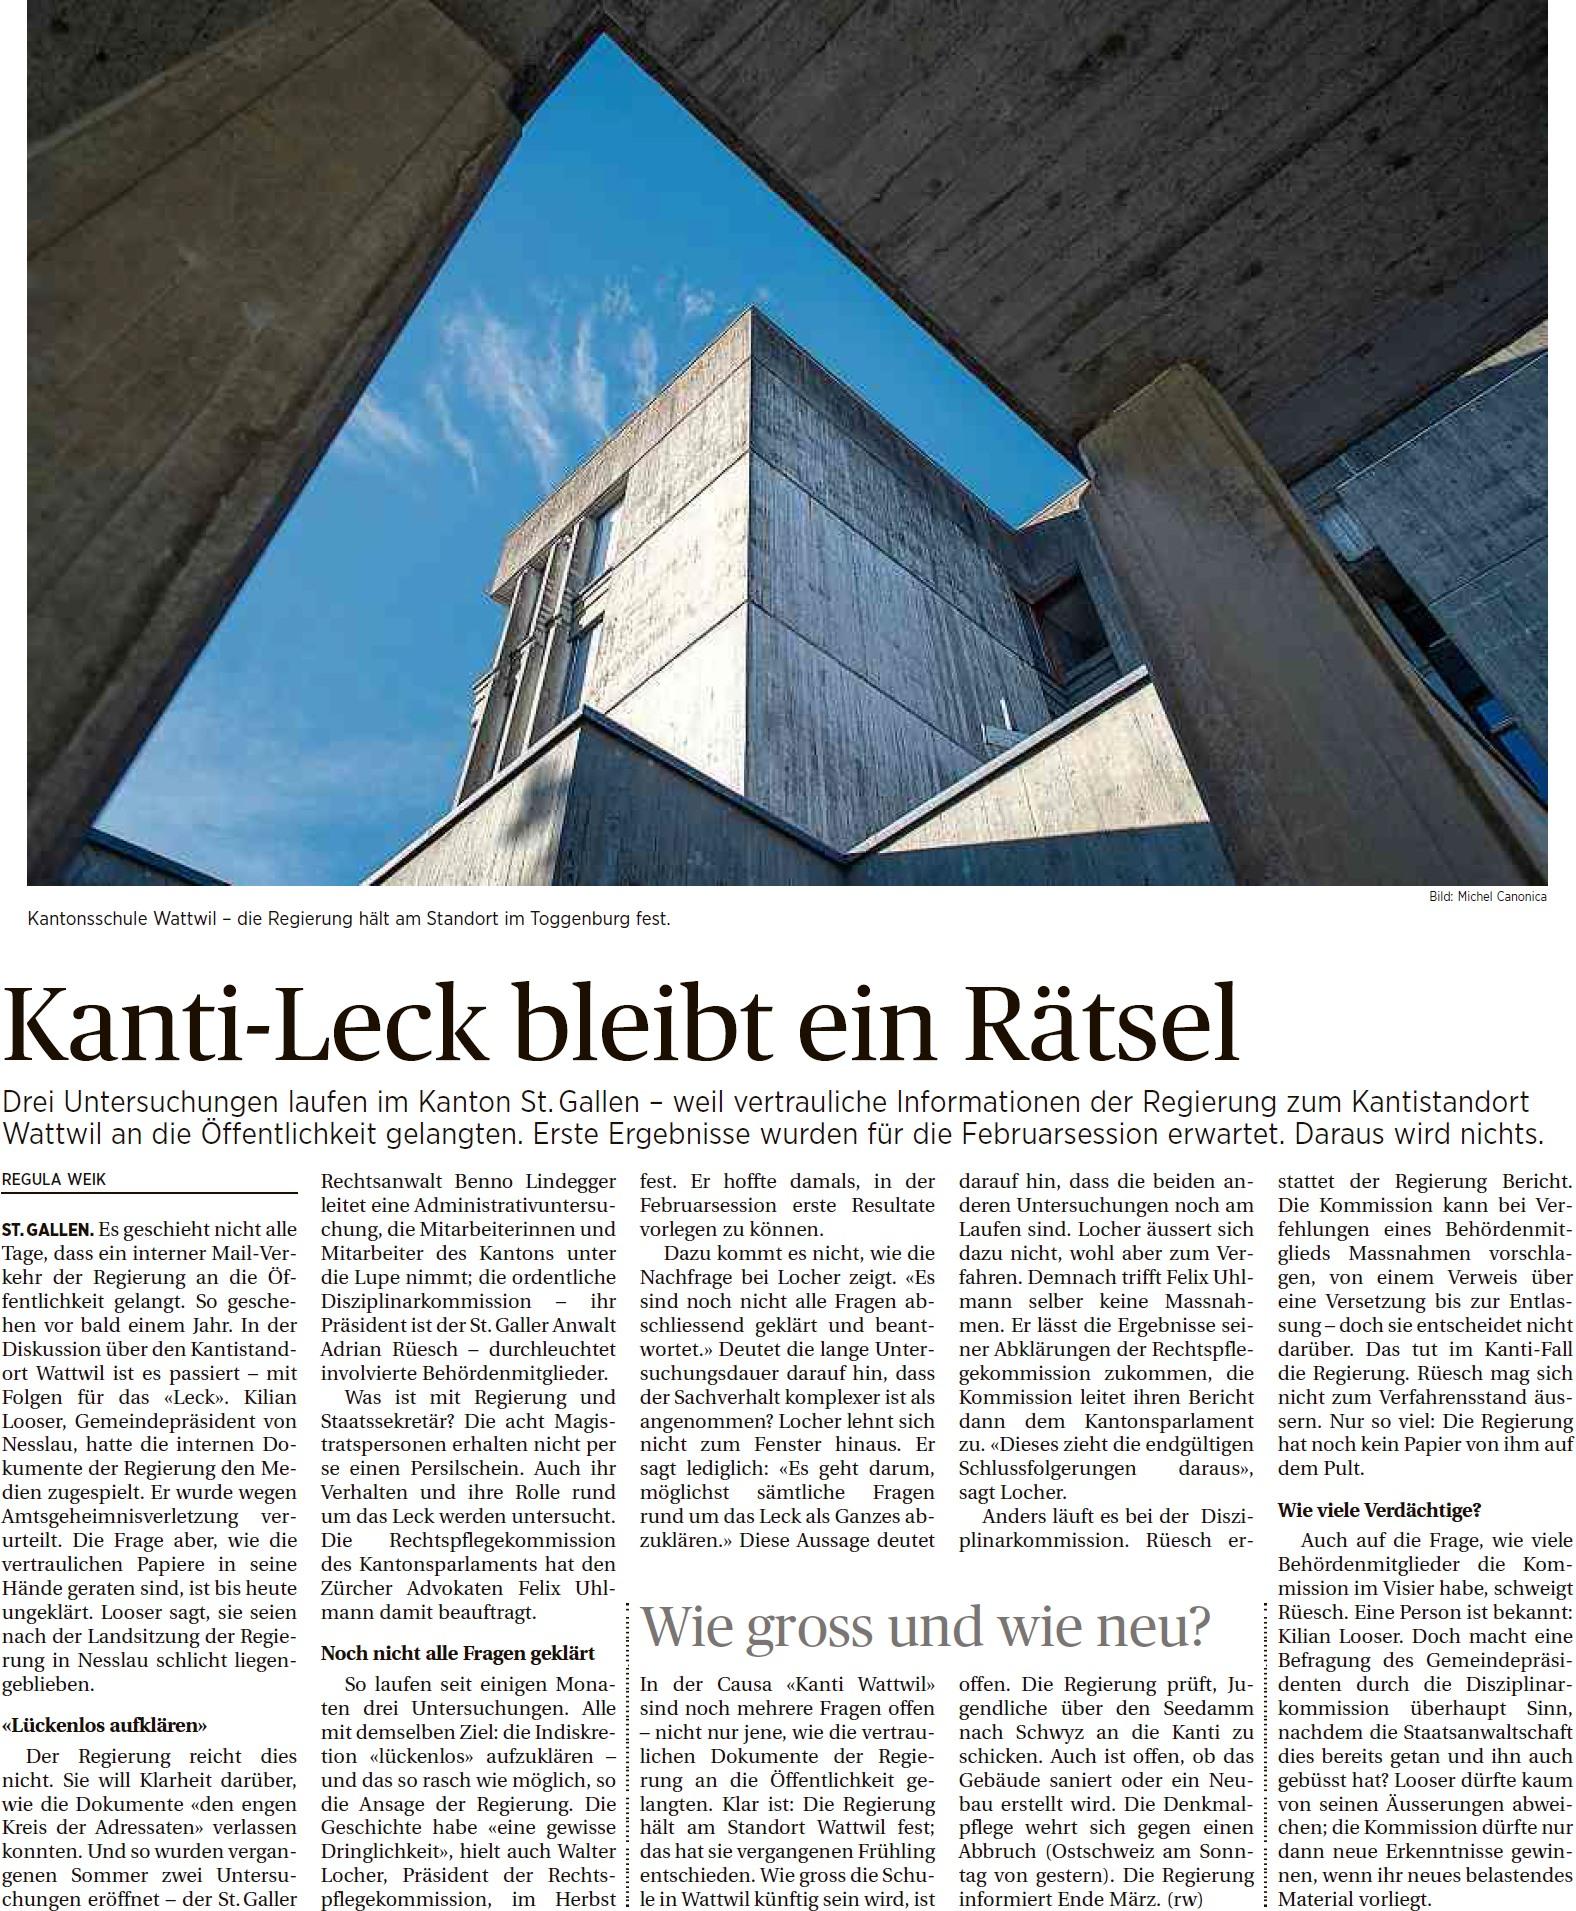 Kanti-Leck bleibt ein Rätsel (Montag, 16.02.2015)